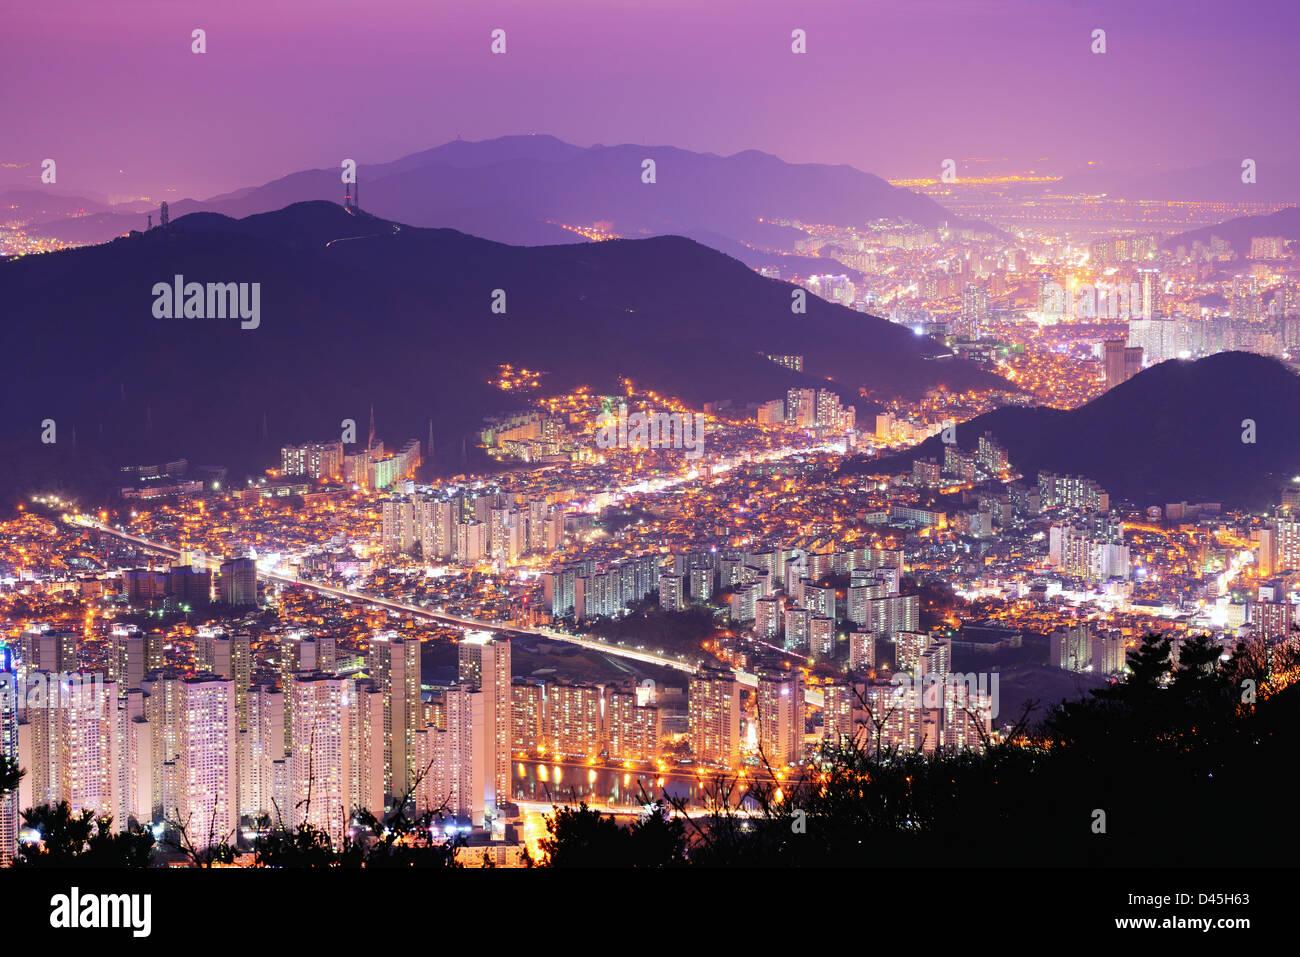 Skyline di Busan, Corea del Sud di notte. Immagini Stock